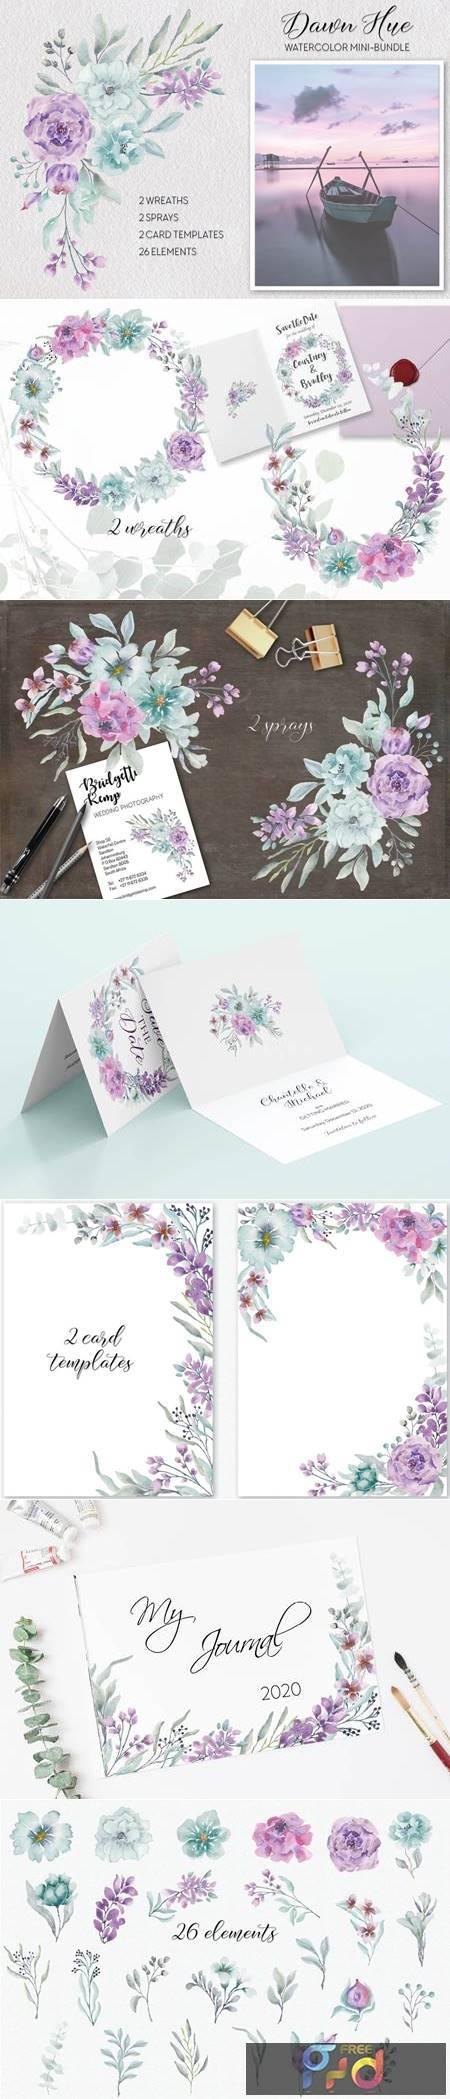 Dawn Hue Watercolor Mini-bundle 4854366 1